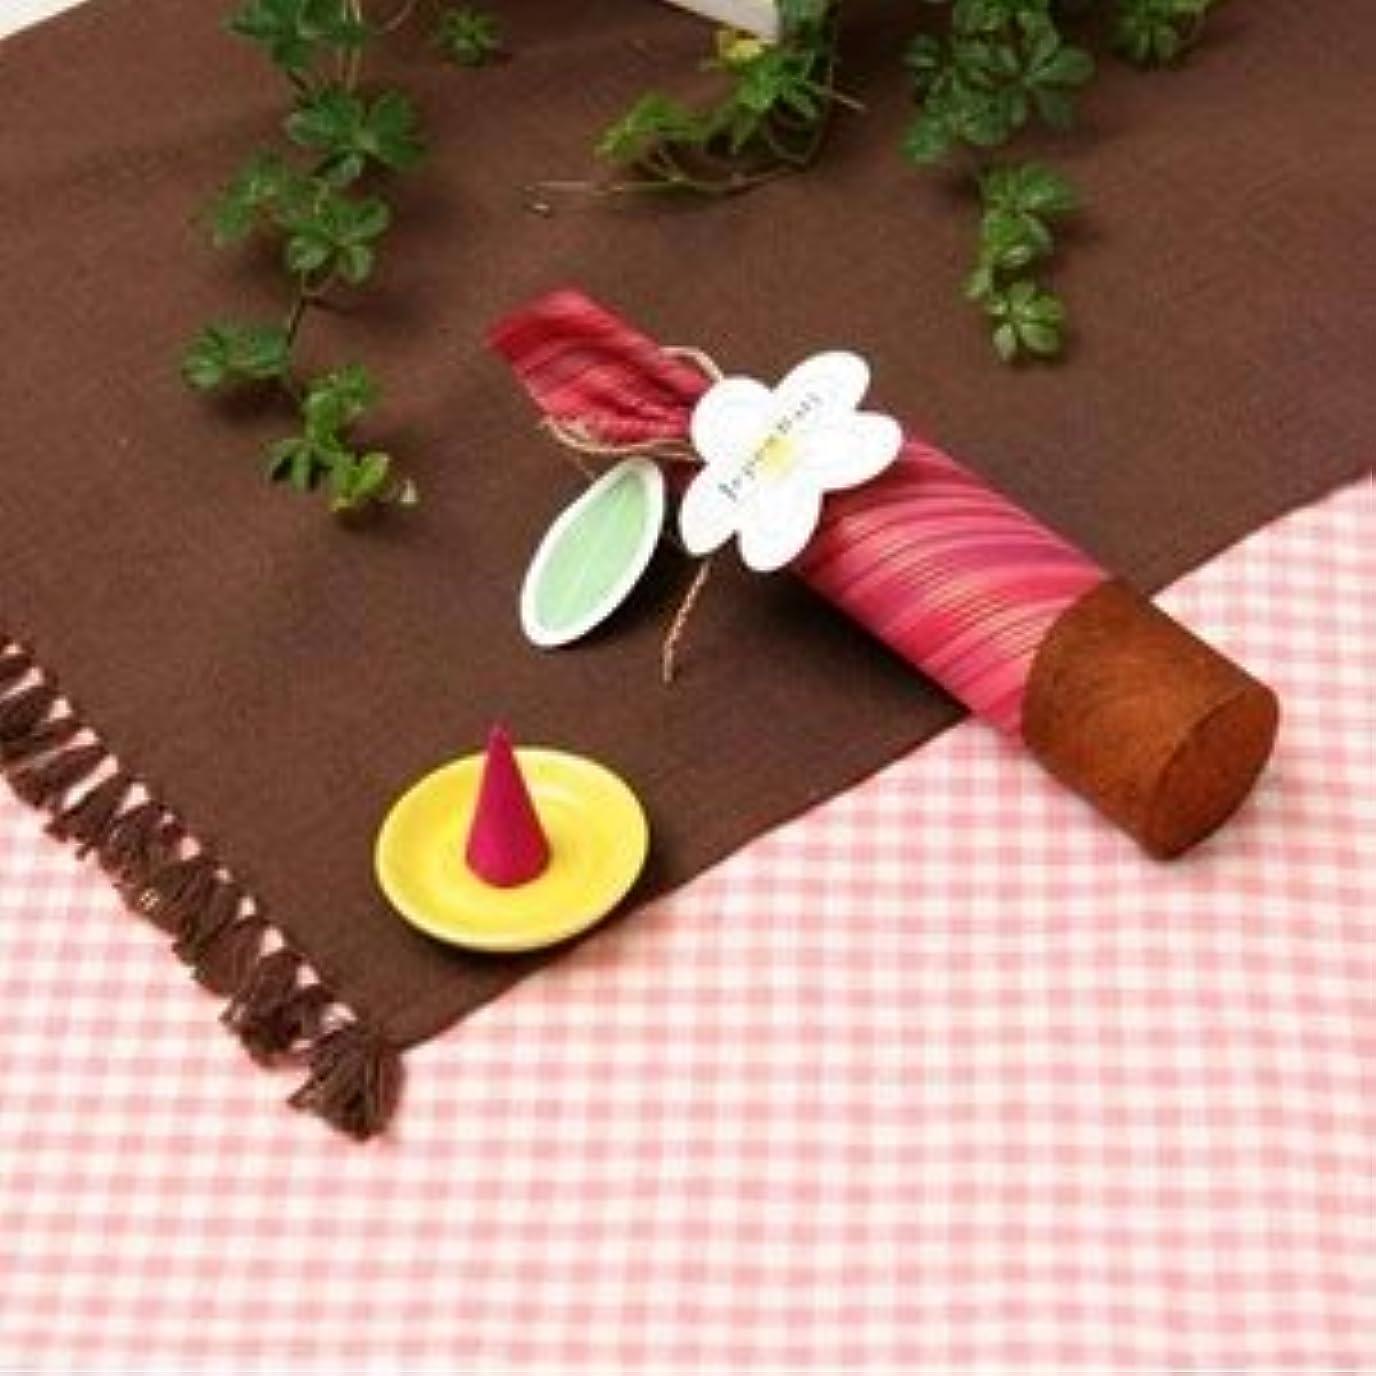 ヘクタール永遠に勧めるお香/インセンス 【桜の香り コーンタイプ10個入り】 バリ島製 「Jupen Bari ジュプンバリ」